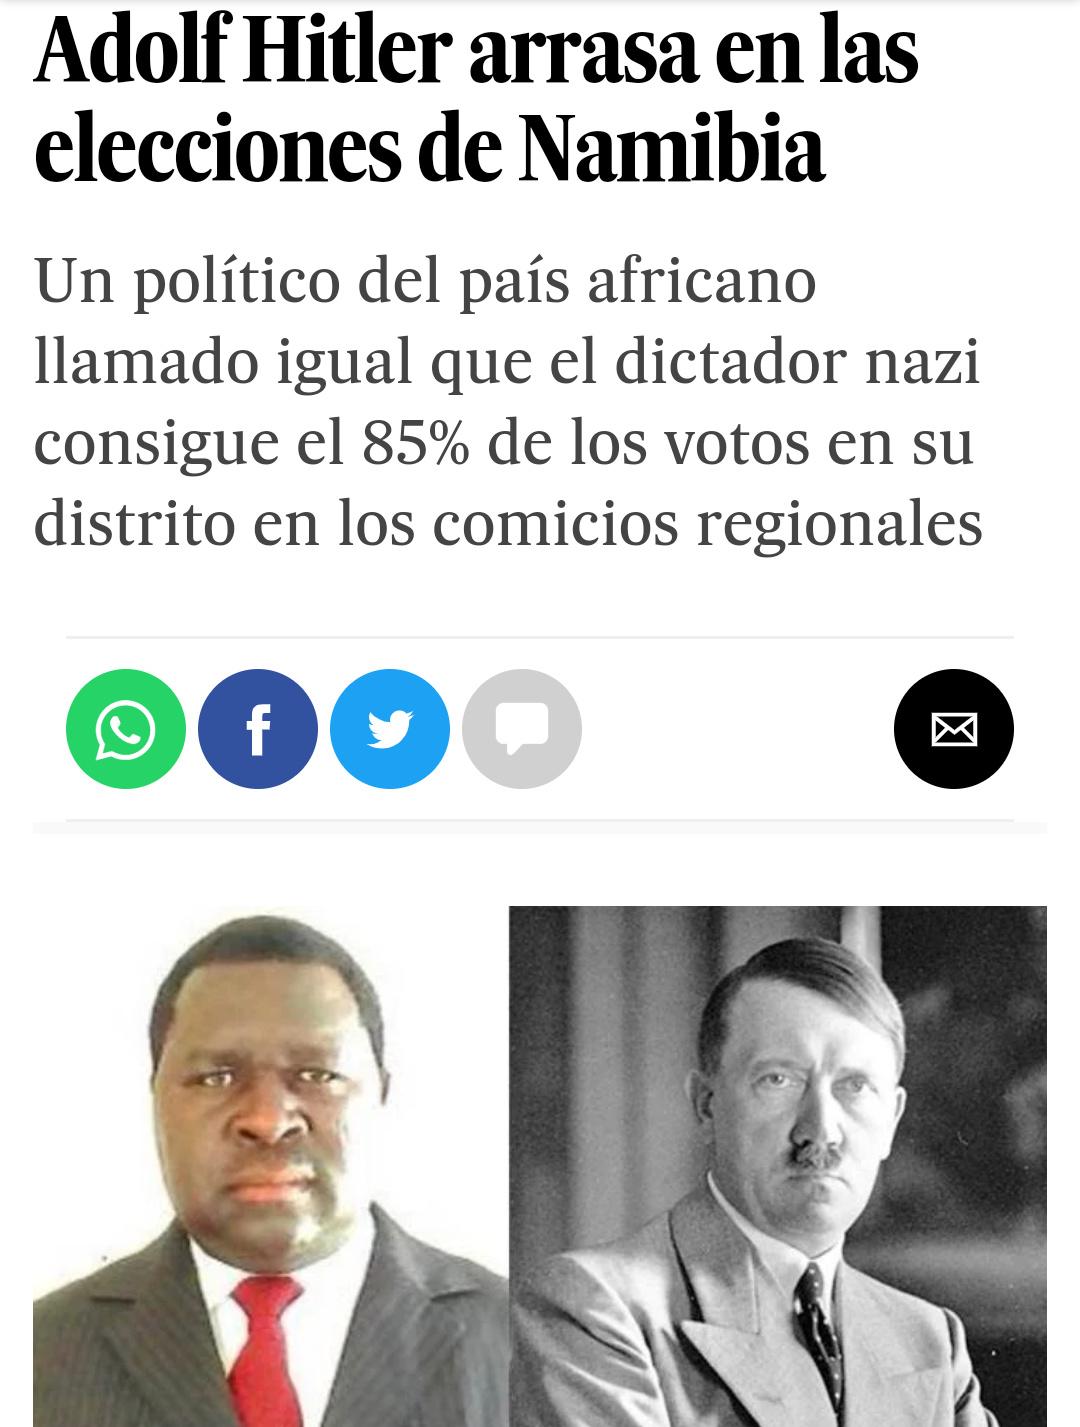 Los judíos africanos están condenados - meme